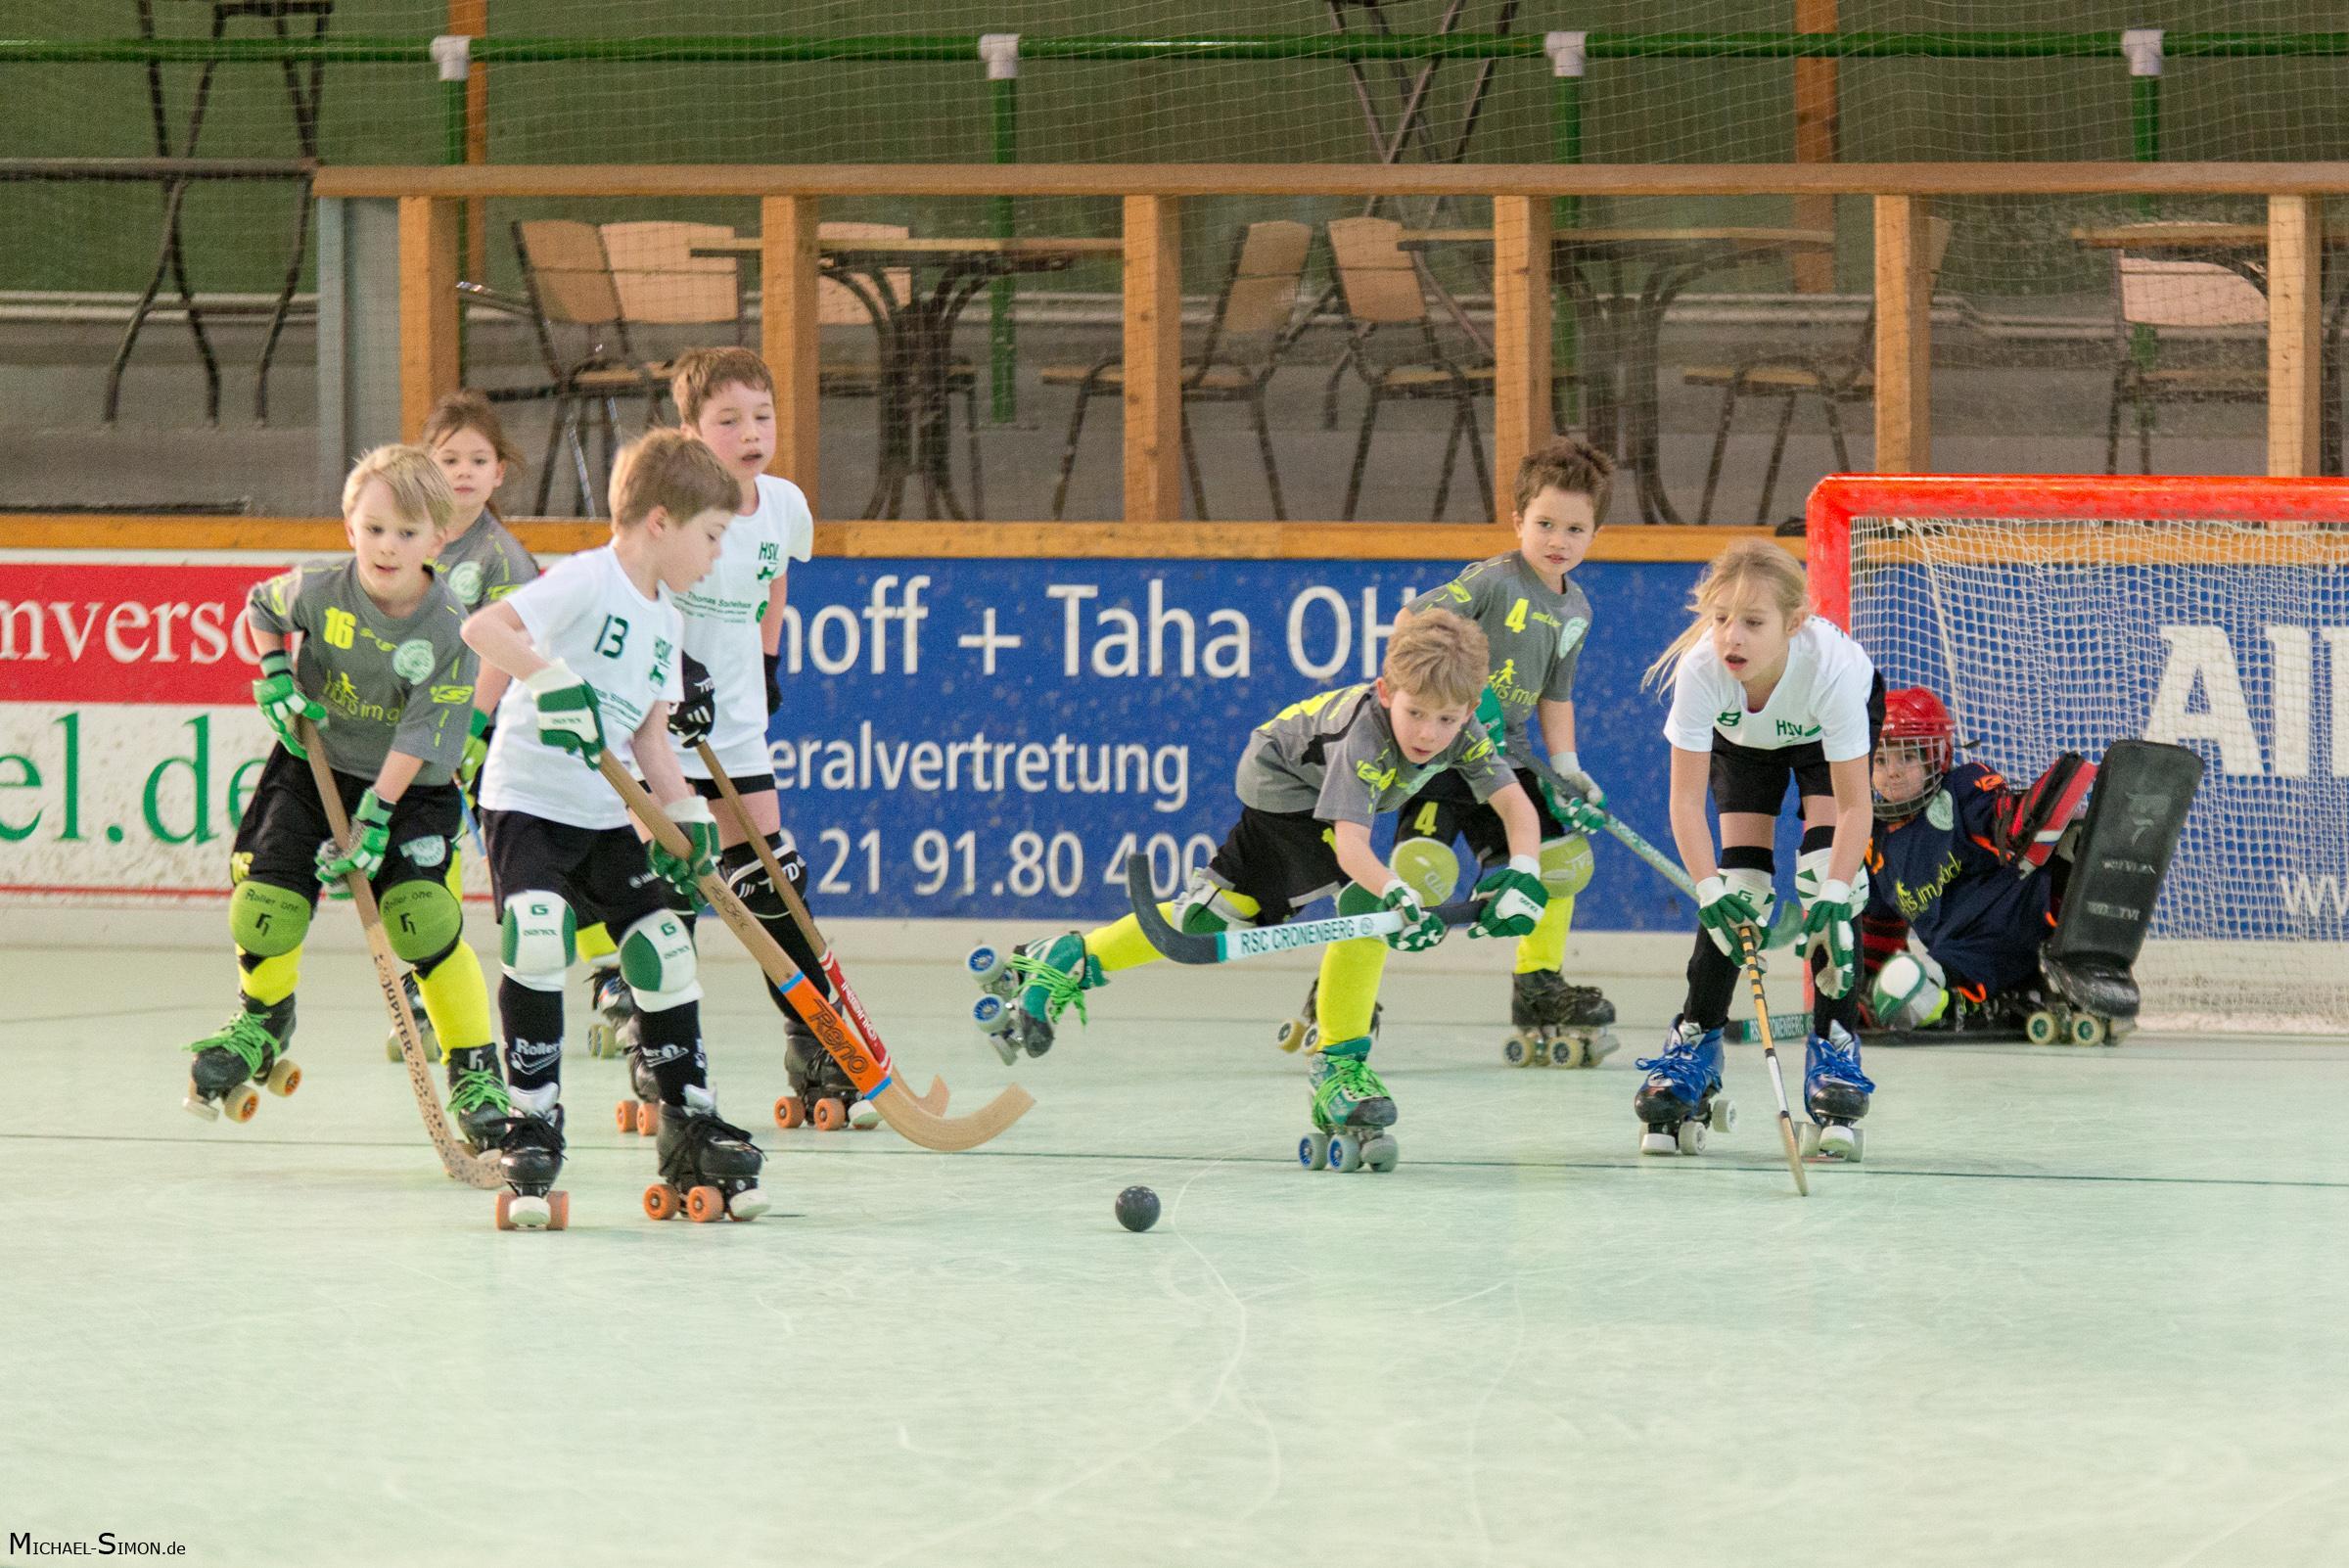 RSC Cronenberg Rollhockey Spieltag U9 14.01.2018